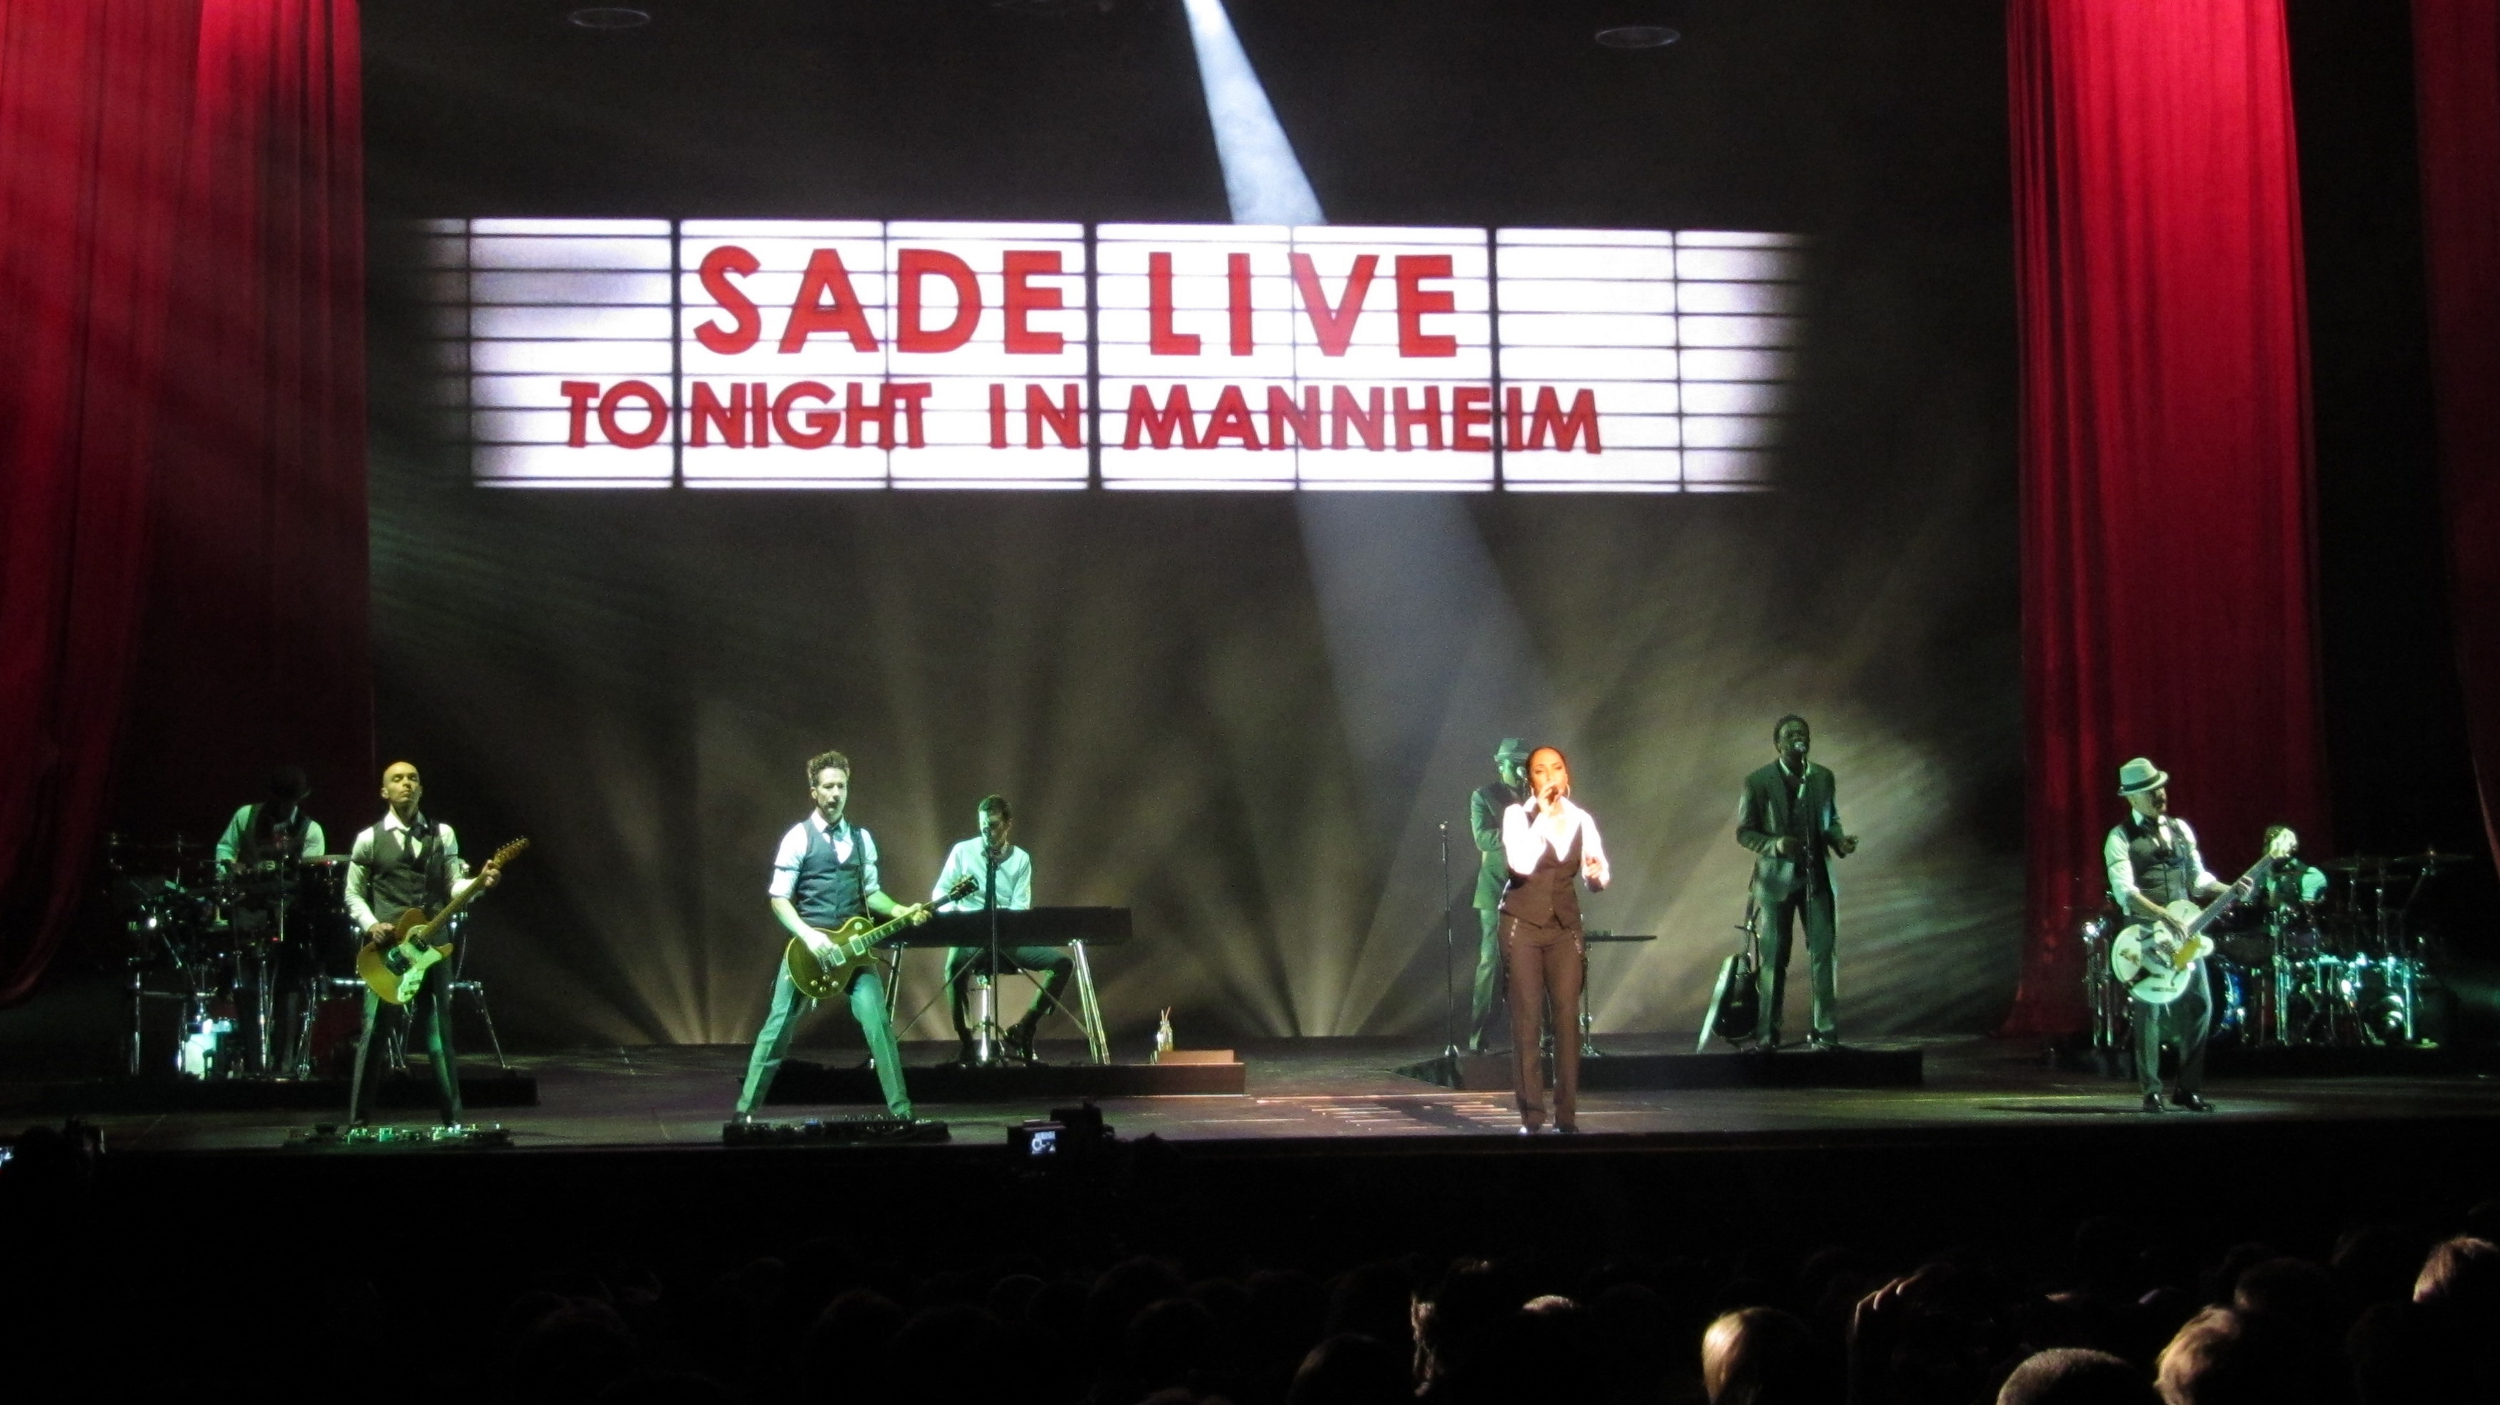 Sade (singer)